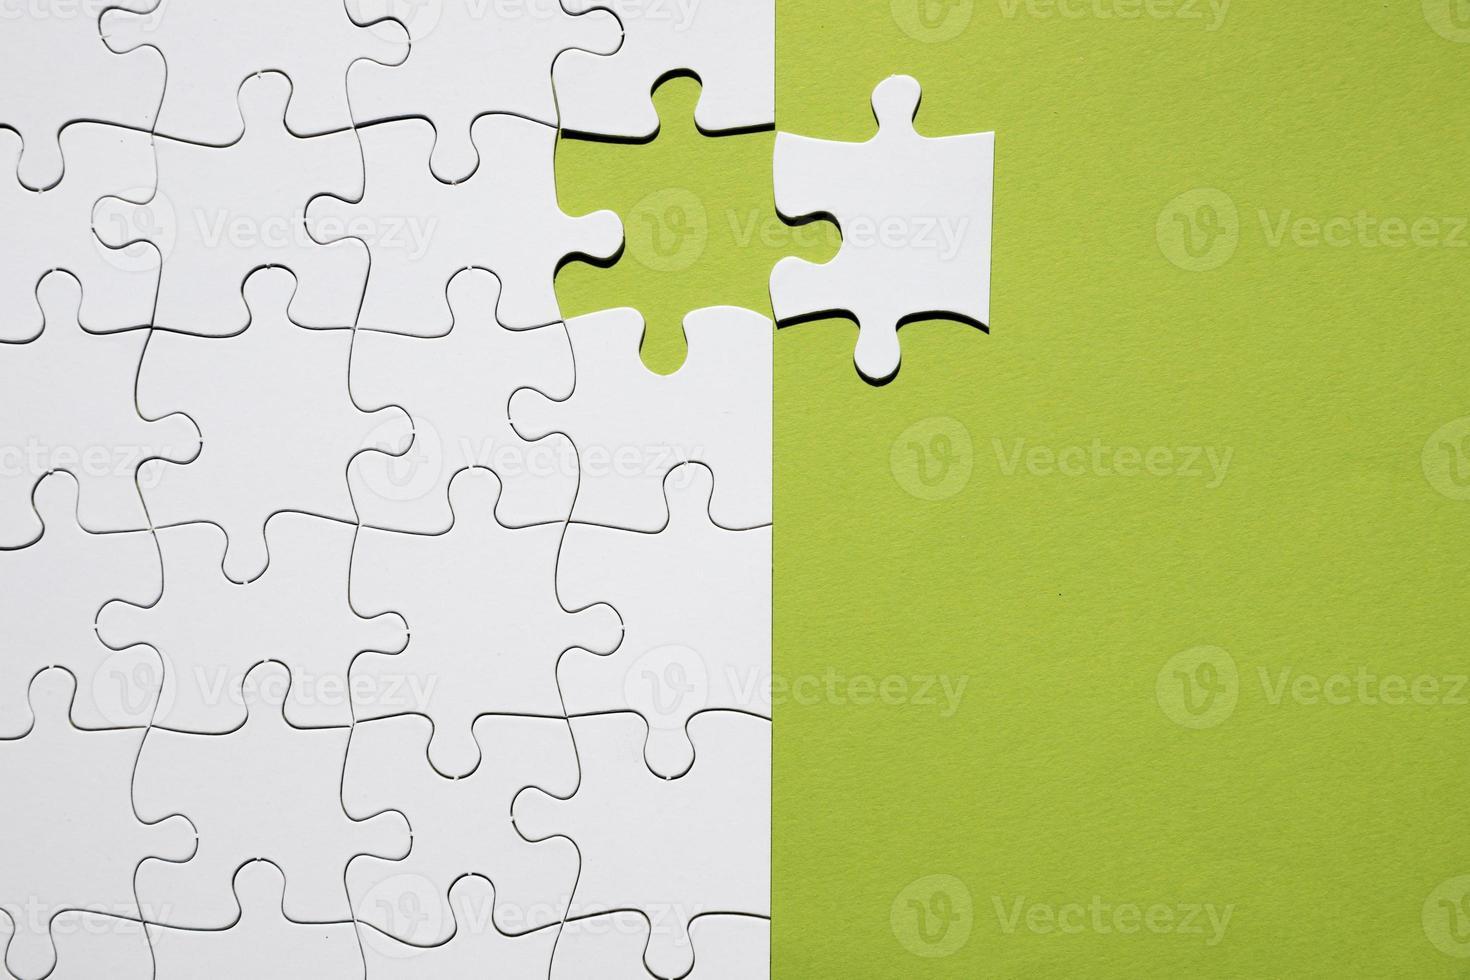 Pieza de rompecabezas blanca separada con cuadrícula de rompecabezas blanca sobre fondo verde foto